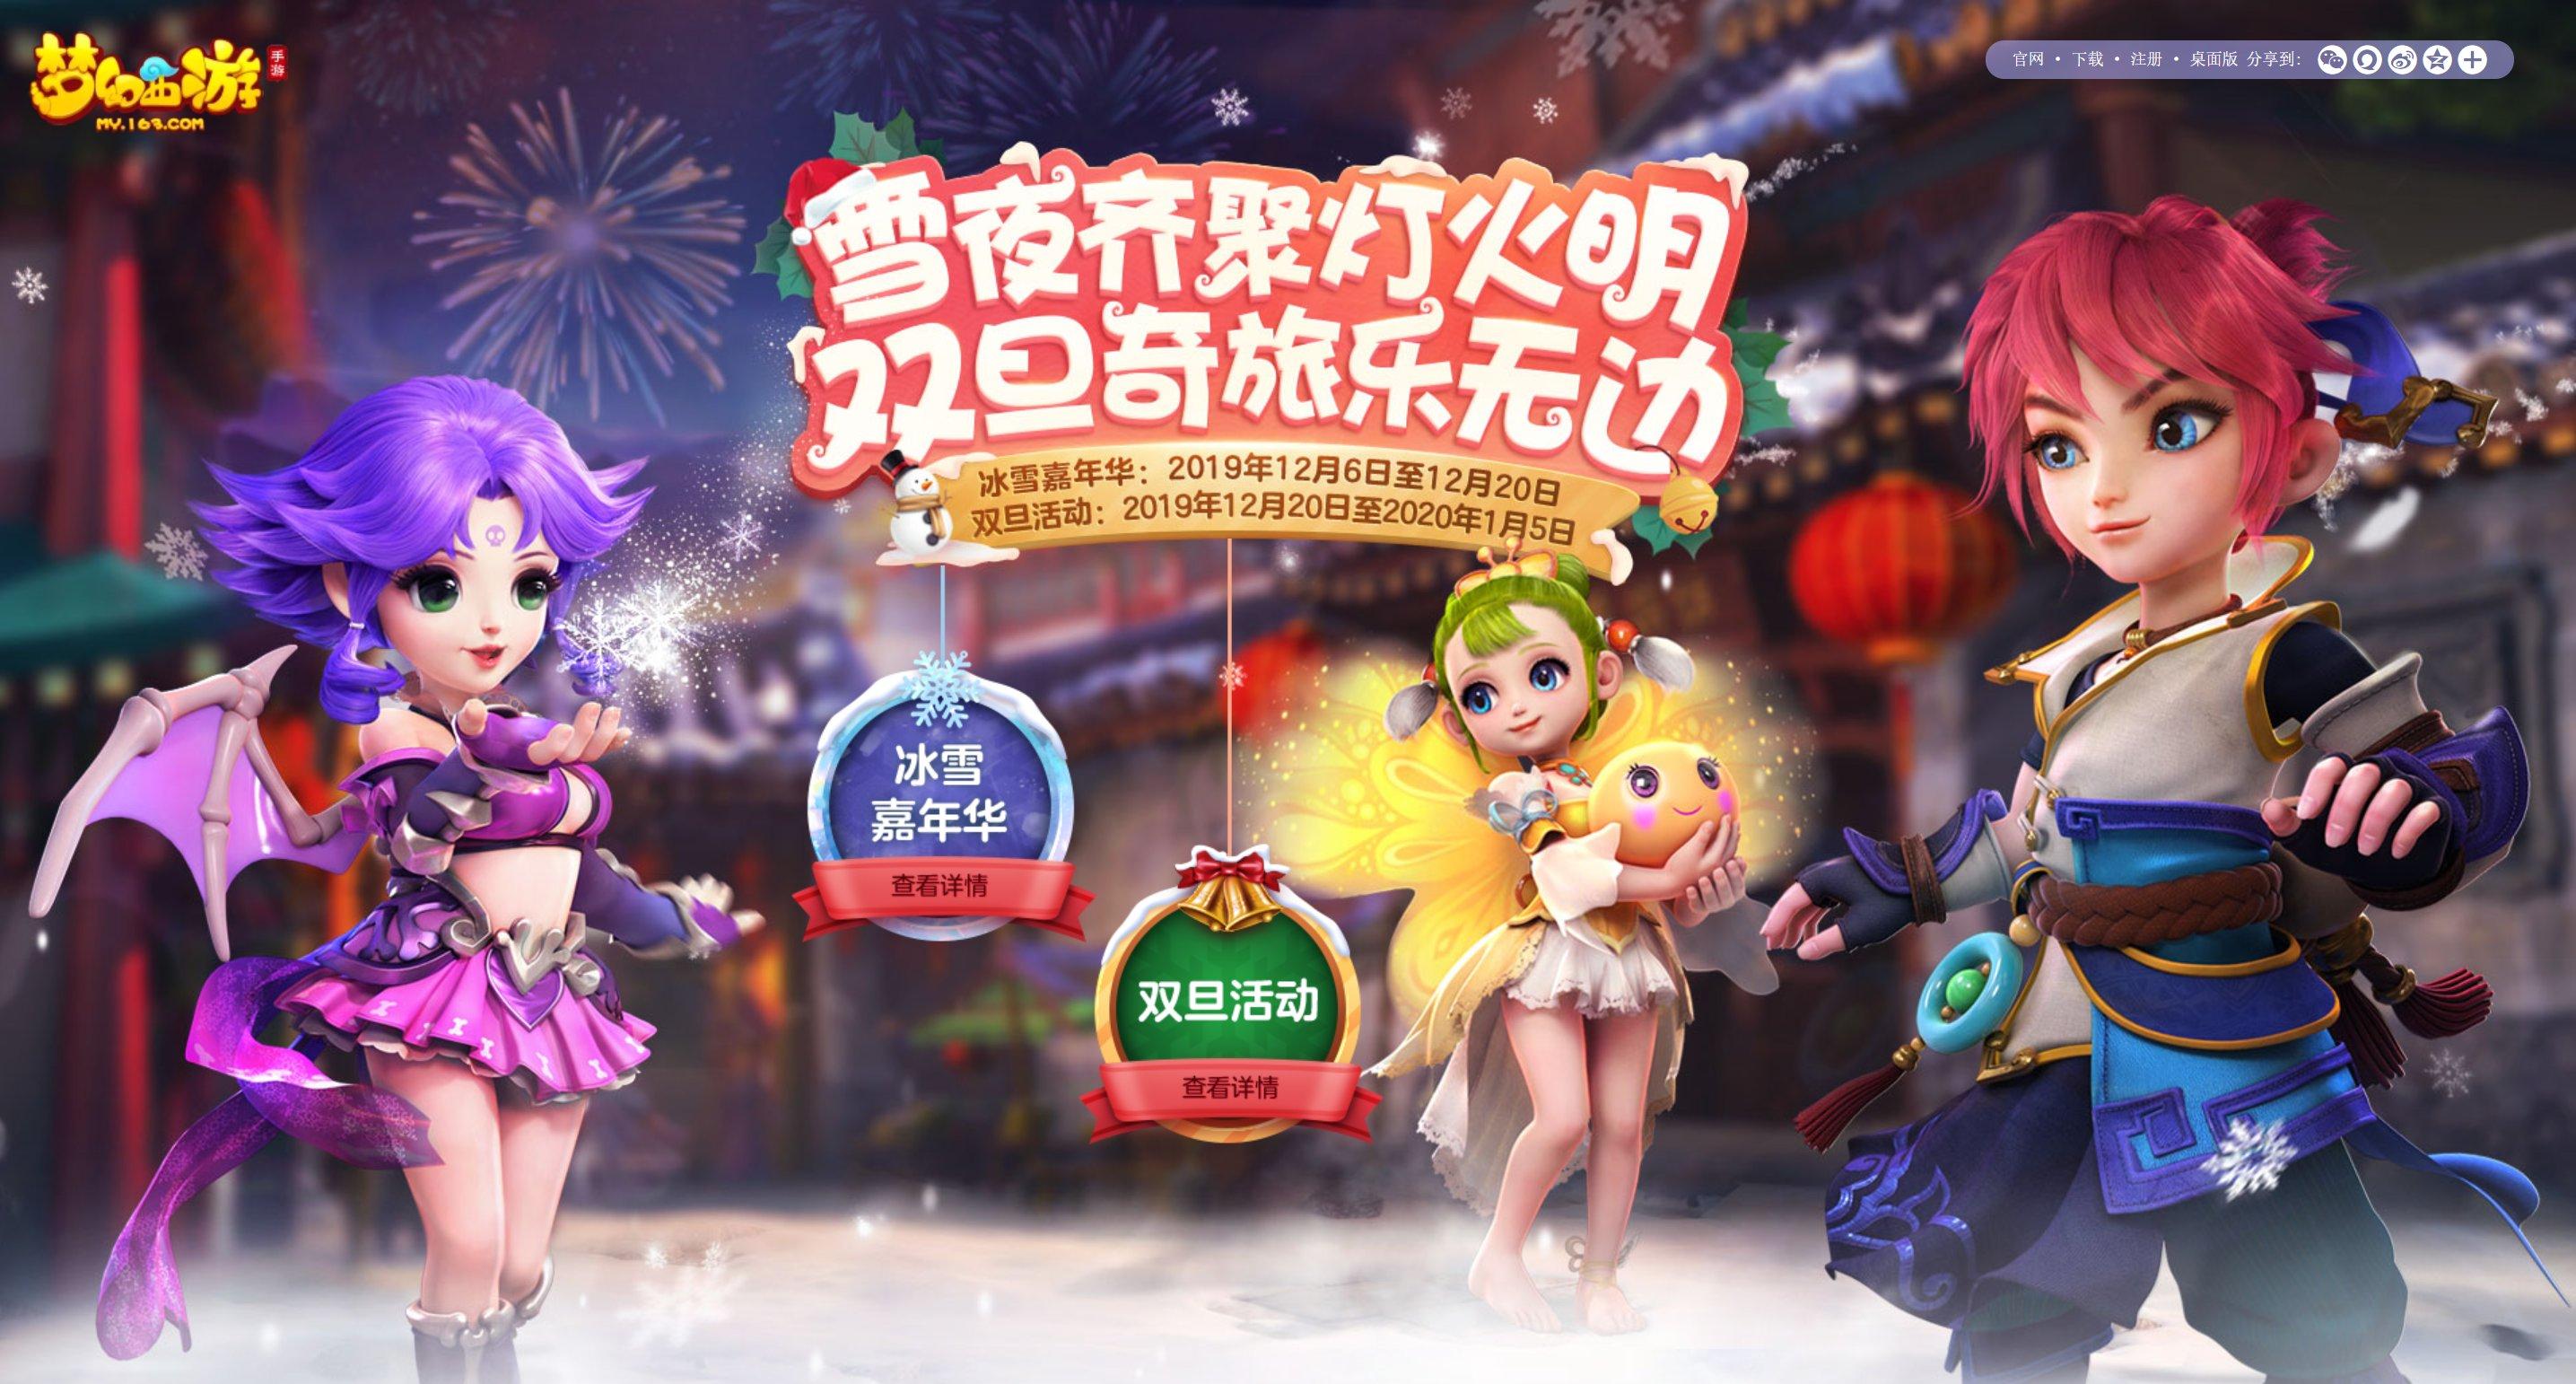 梦回长安!《梦幻西游》手游2019嘉年华活动全服上线